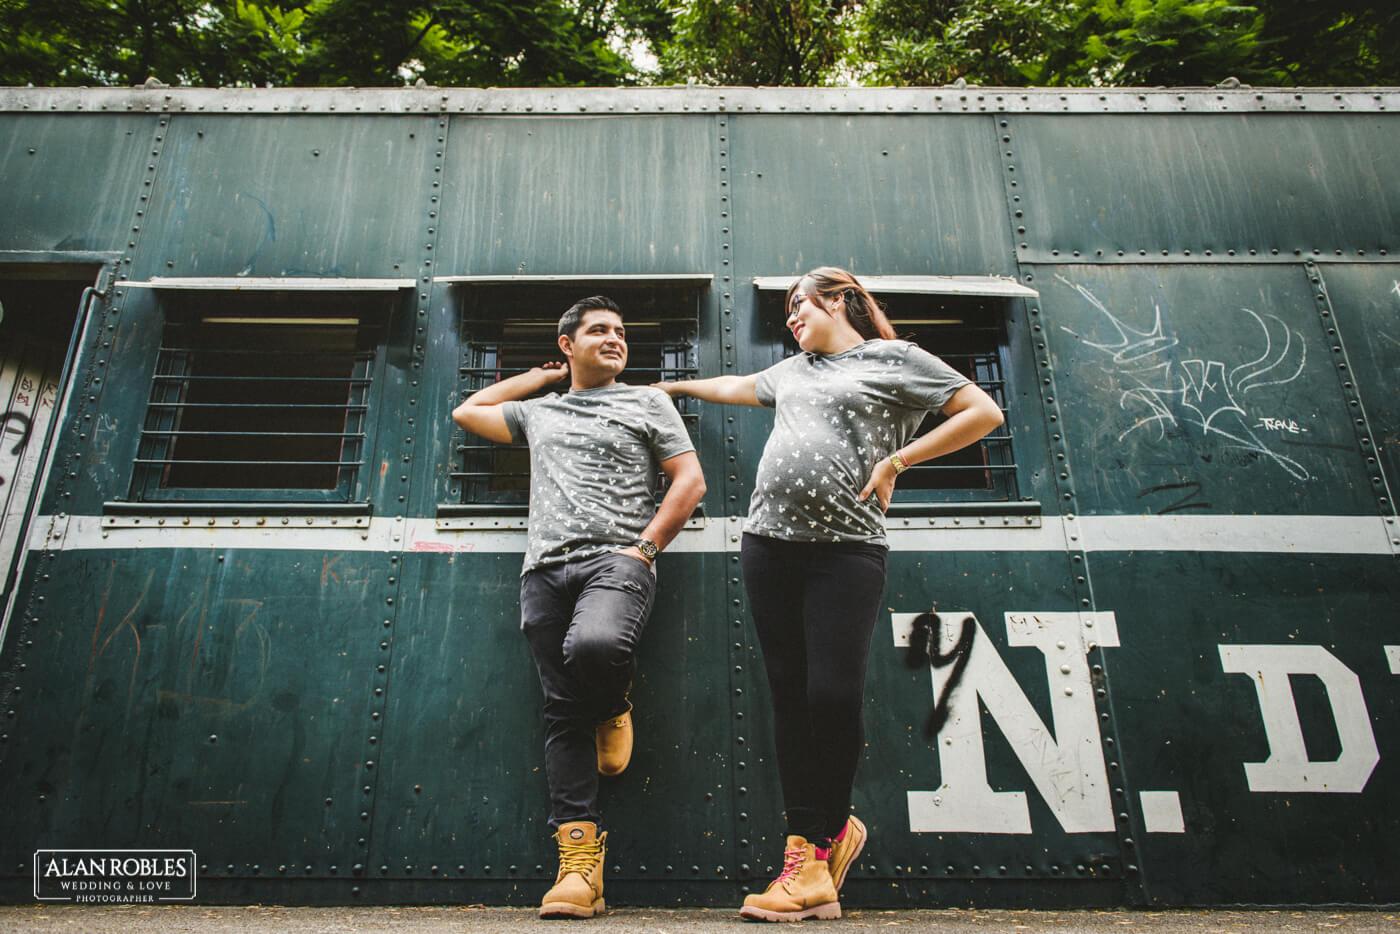 Preboda en vagon de tren - Alan Robles Wedding & Love Photographer - Fotografo Bodas Guadalajara